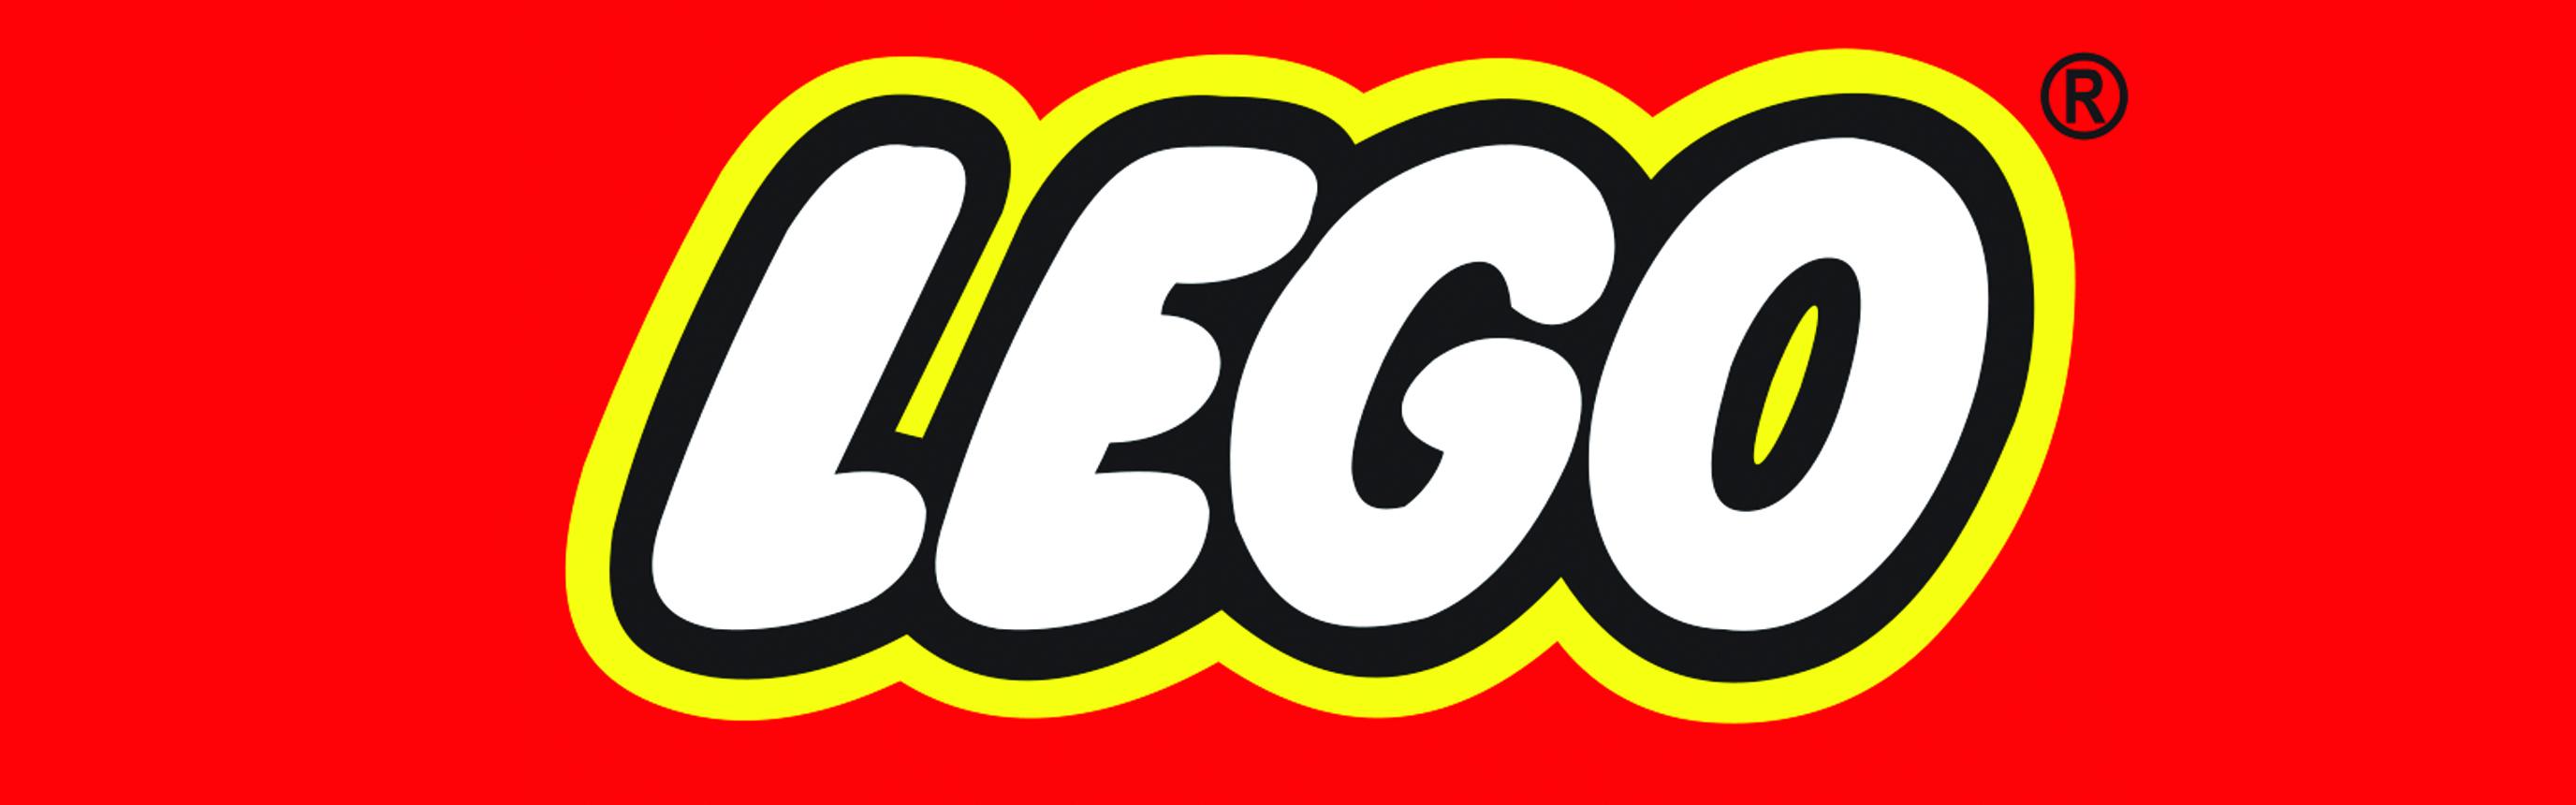 Lego Logo Clip Art.